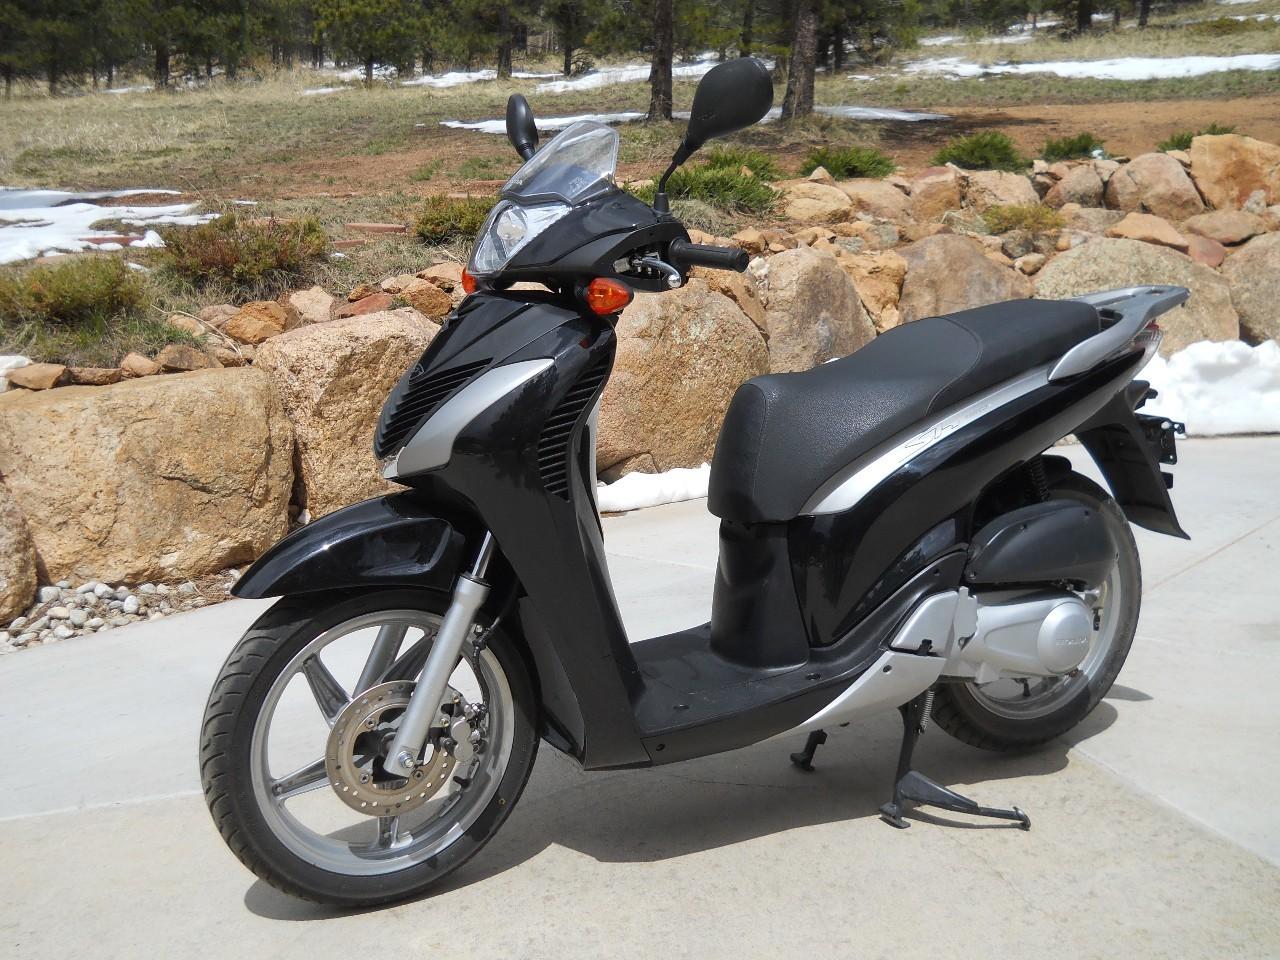 2010 Honda Sh150i, Manitou Springs CO   Cycletrader.com